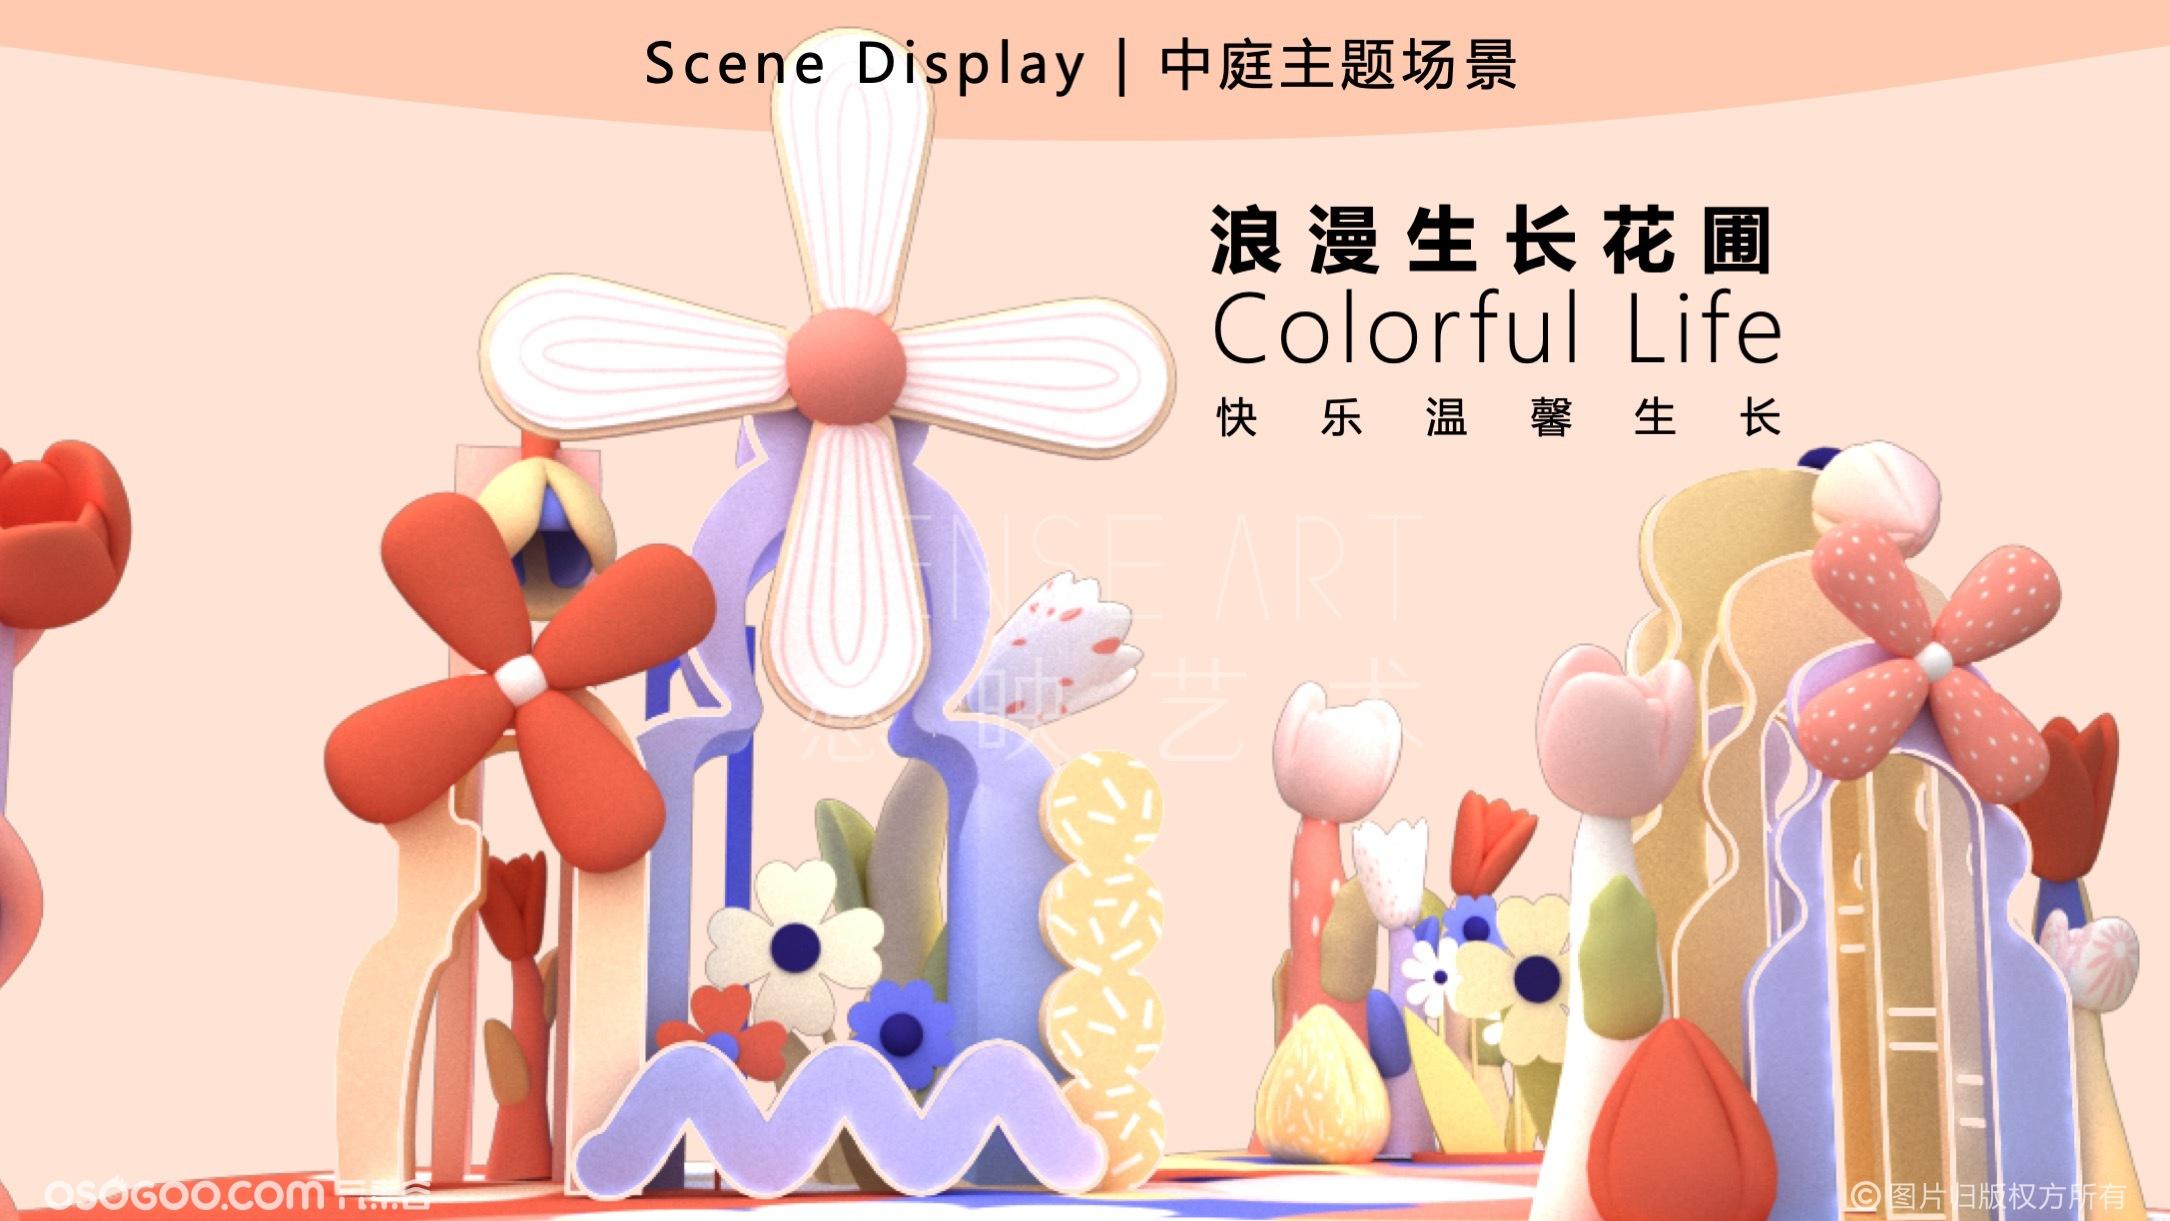 【风车造梦乐园】菲律宾艺术家主题IP气模美陈装置展